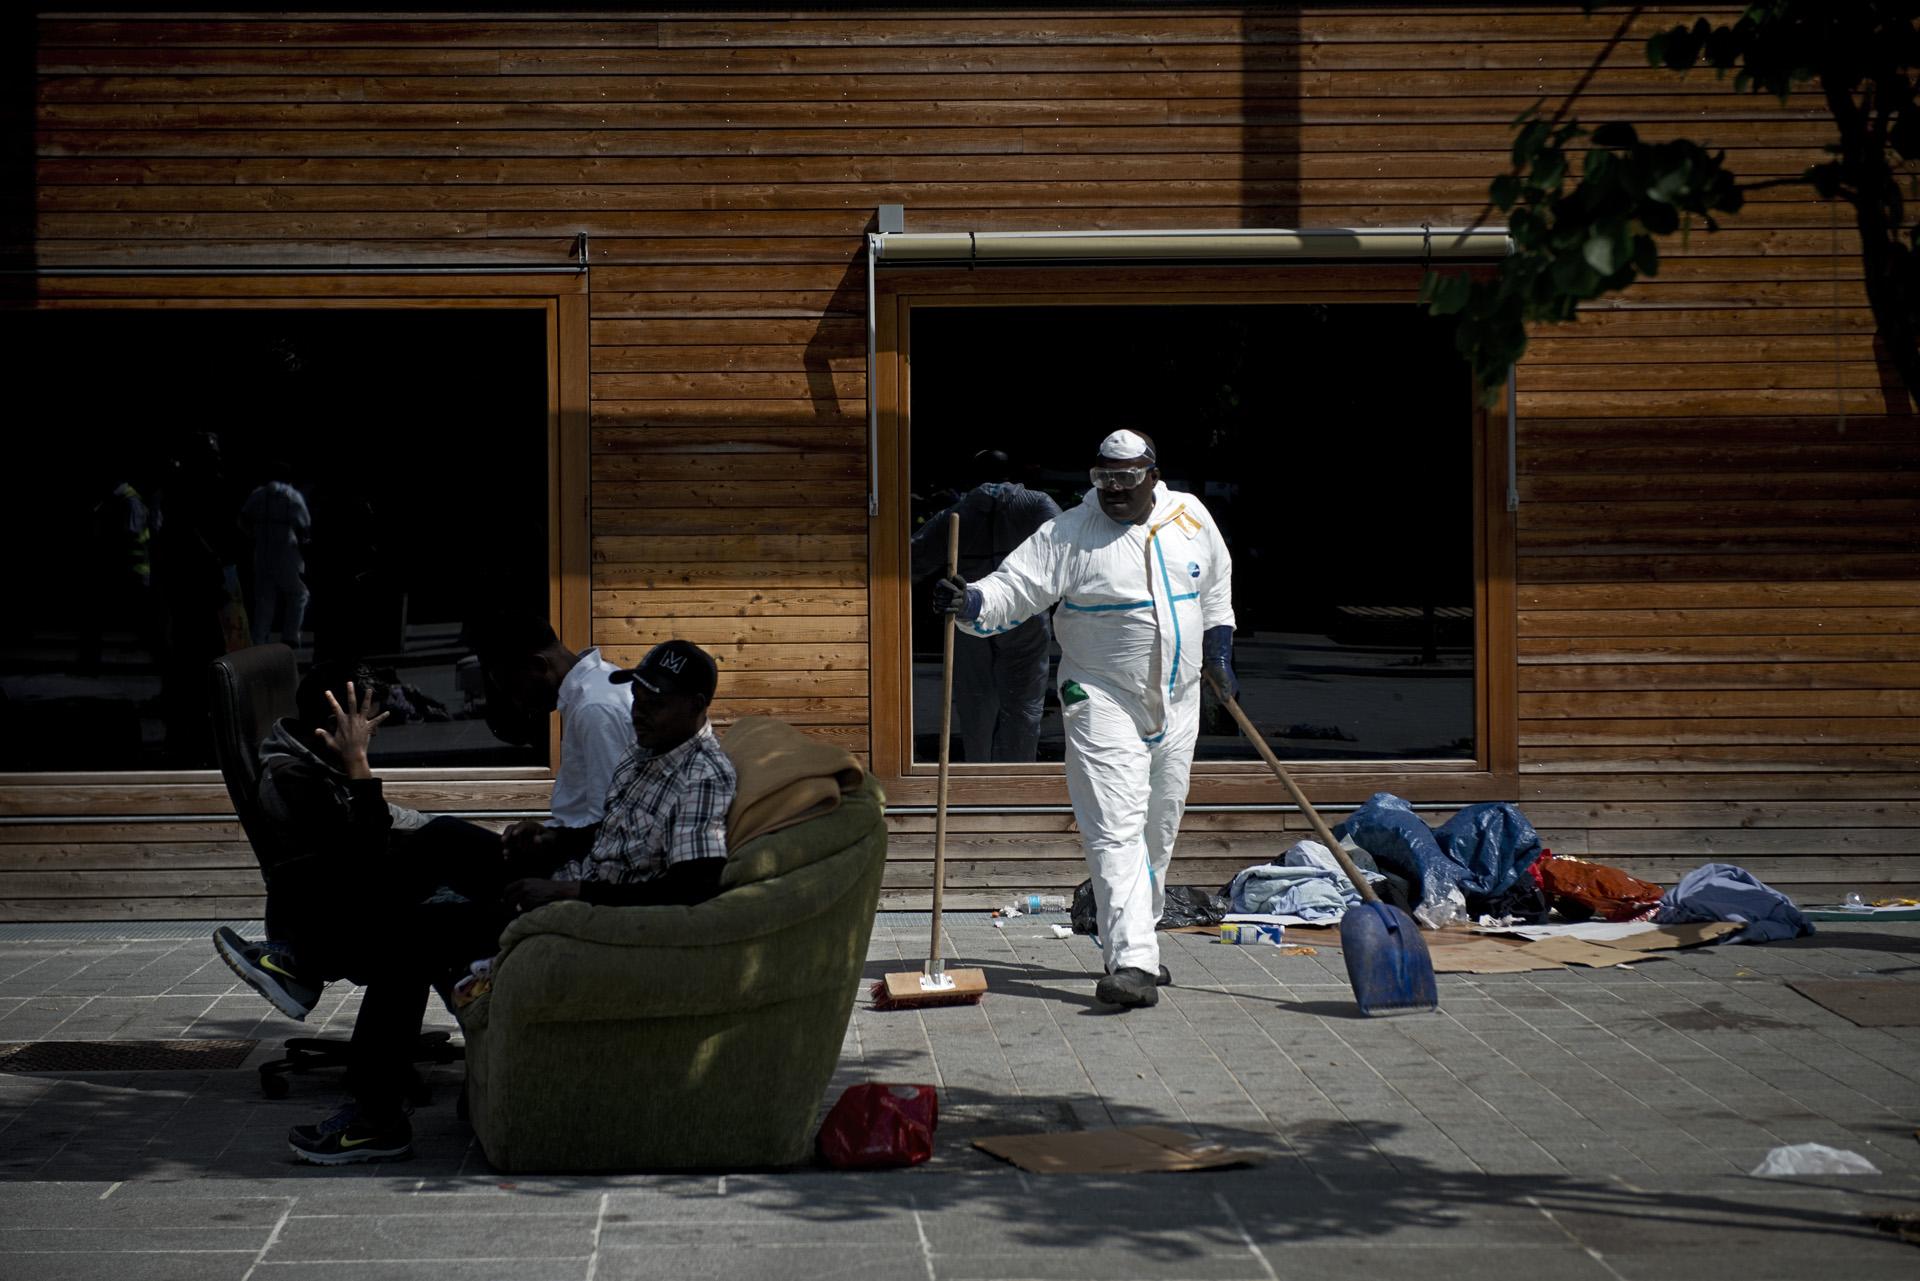 L'évacuation du campement de la rue Pajol s'est déroulée dans le calme.Cette fois, les forces de l'ordre sont restées en retrait et il n'y a pas eu de violence. Mais de nombreux migrants n'ont pas pu monter à bord des bus et se réinstallent dans leur campement de fortune. Paris 18ème, le 9 juillet 2015